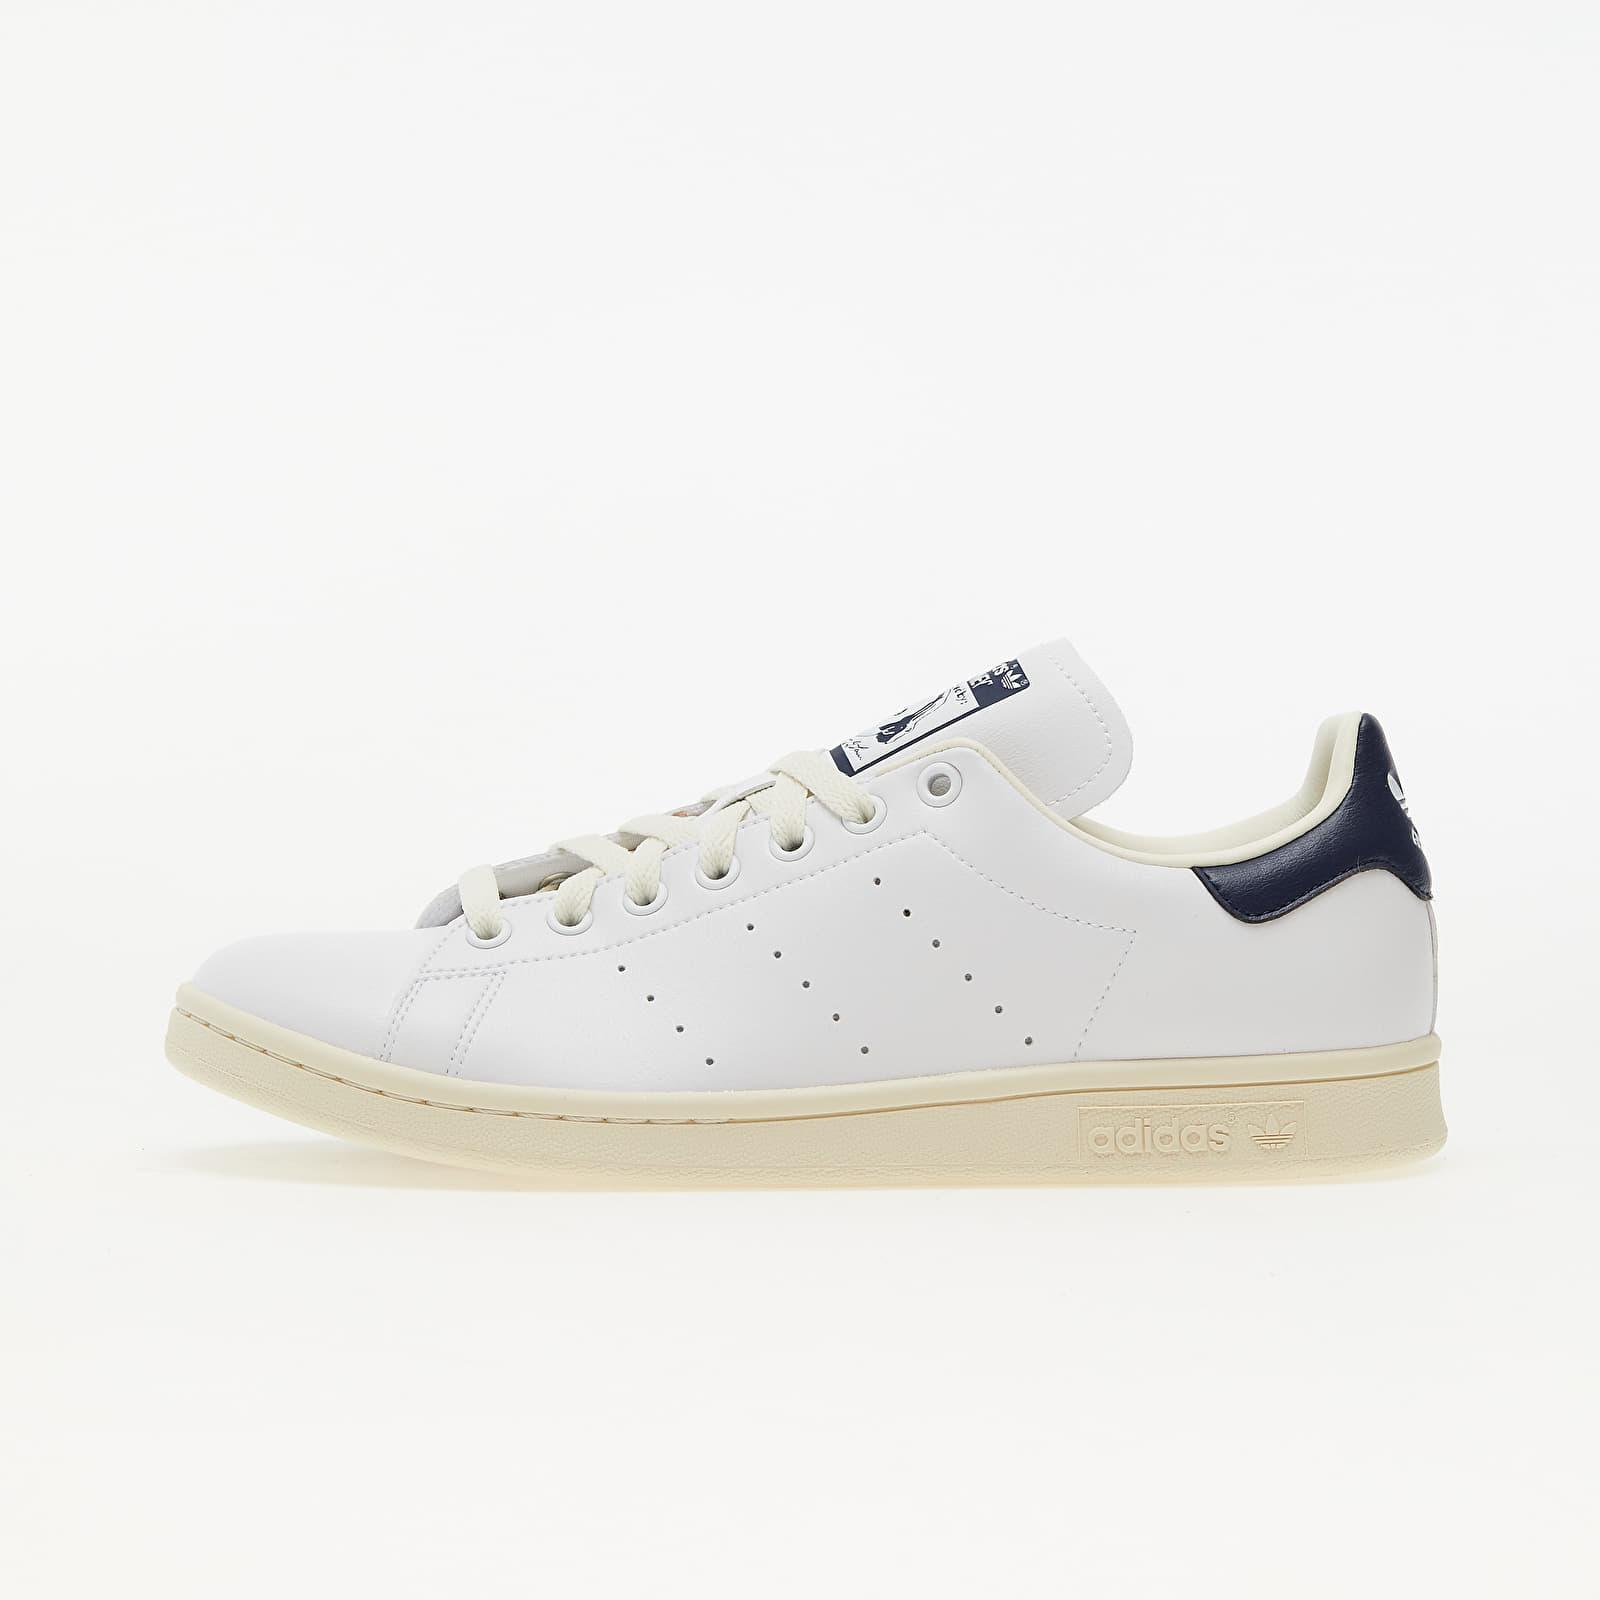 adidas Stan Smith Core White/ Ftw White/ Collegiate Navy EUR 39 1/3